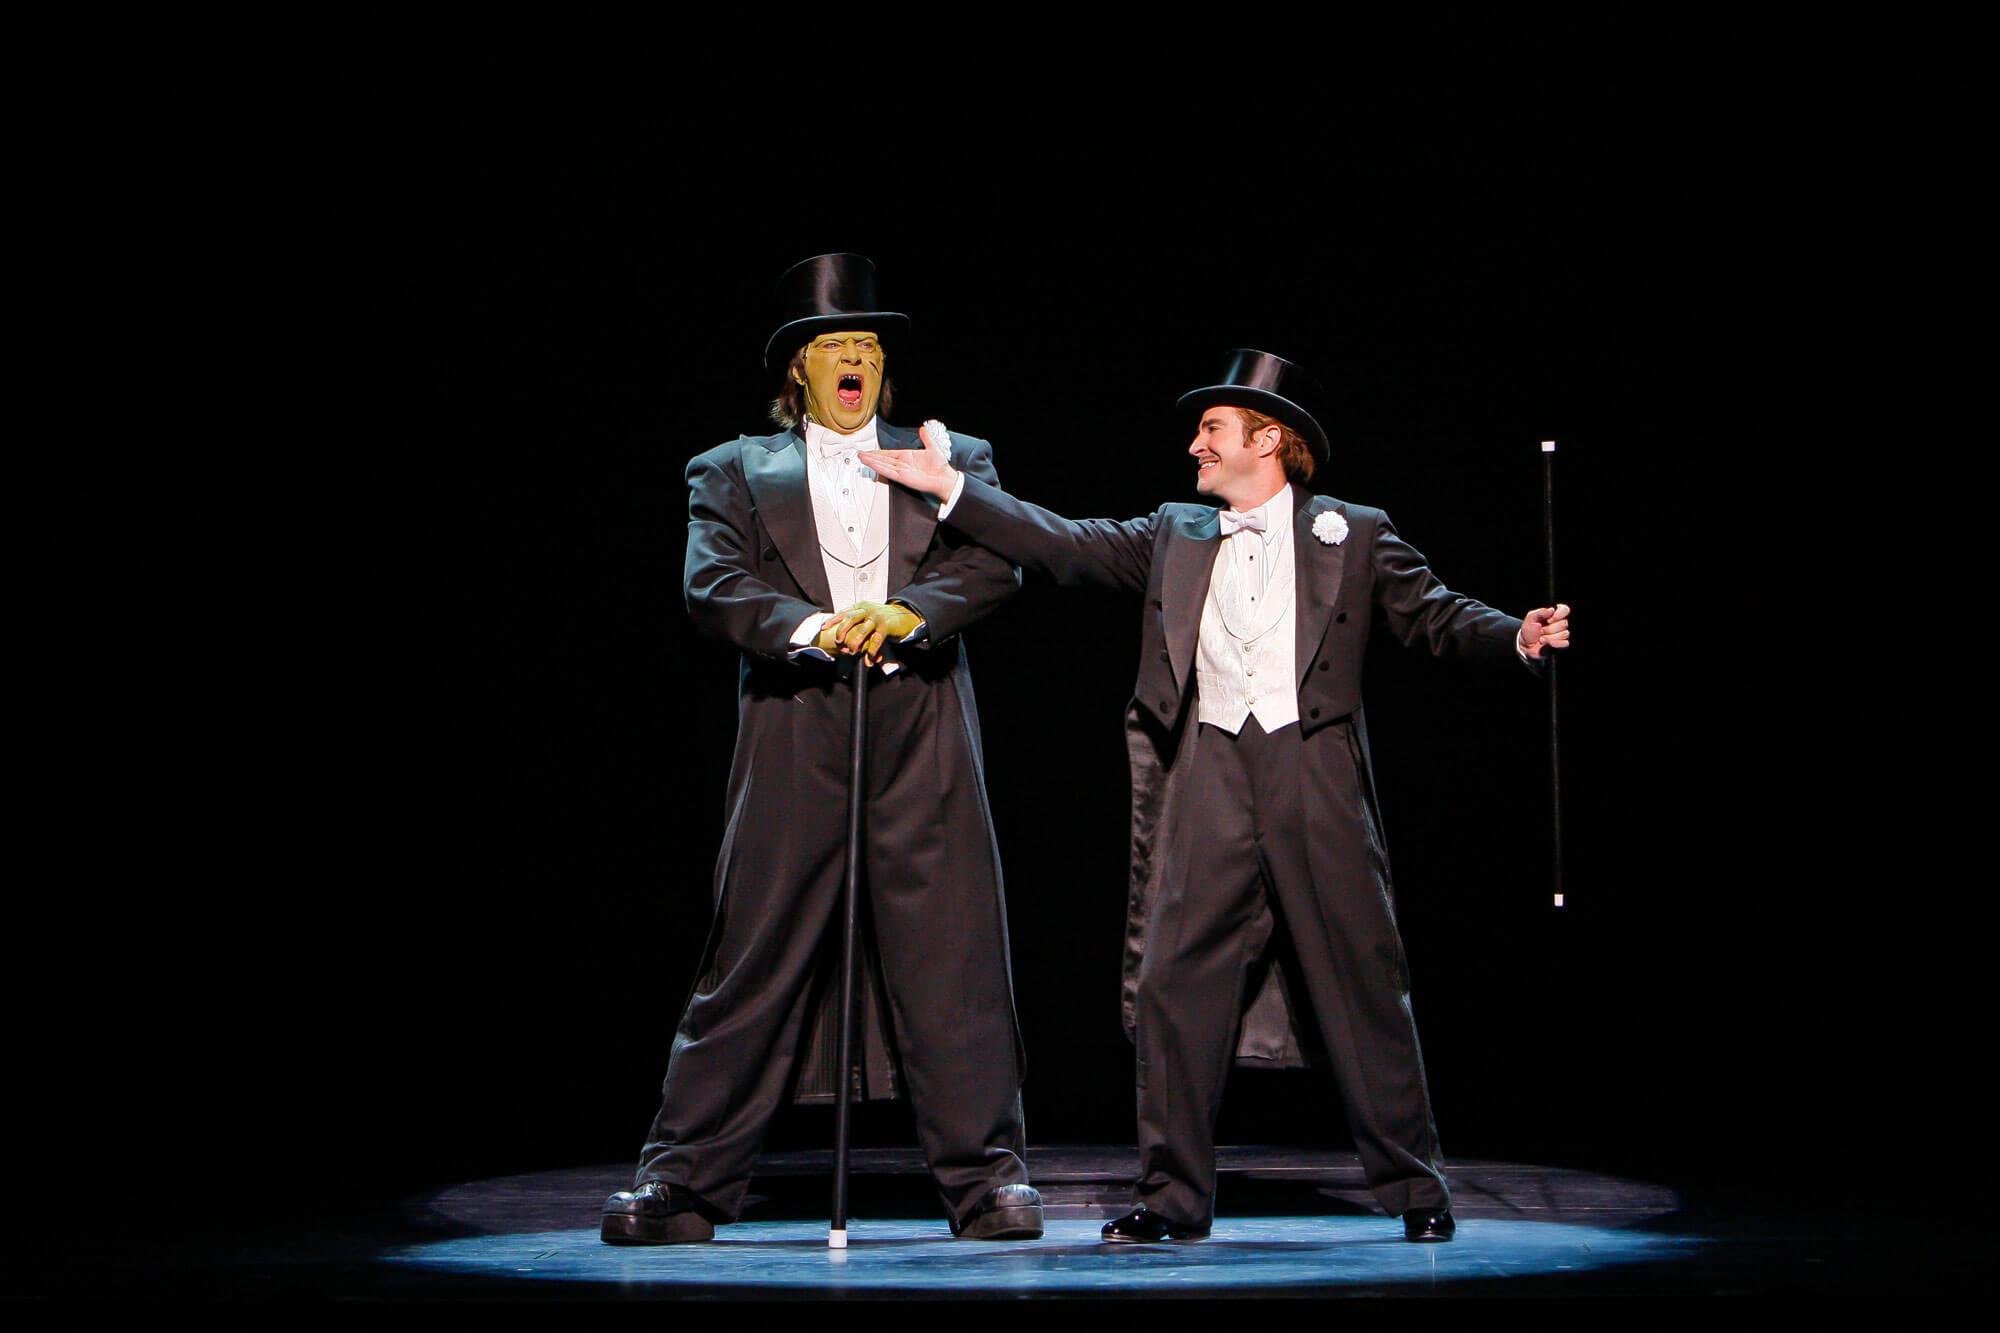 Frankenstein monster in black tie and top hat with dancing partner.